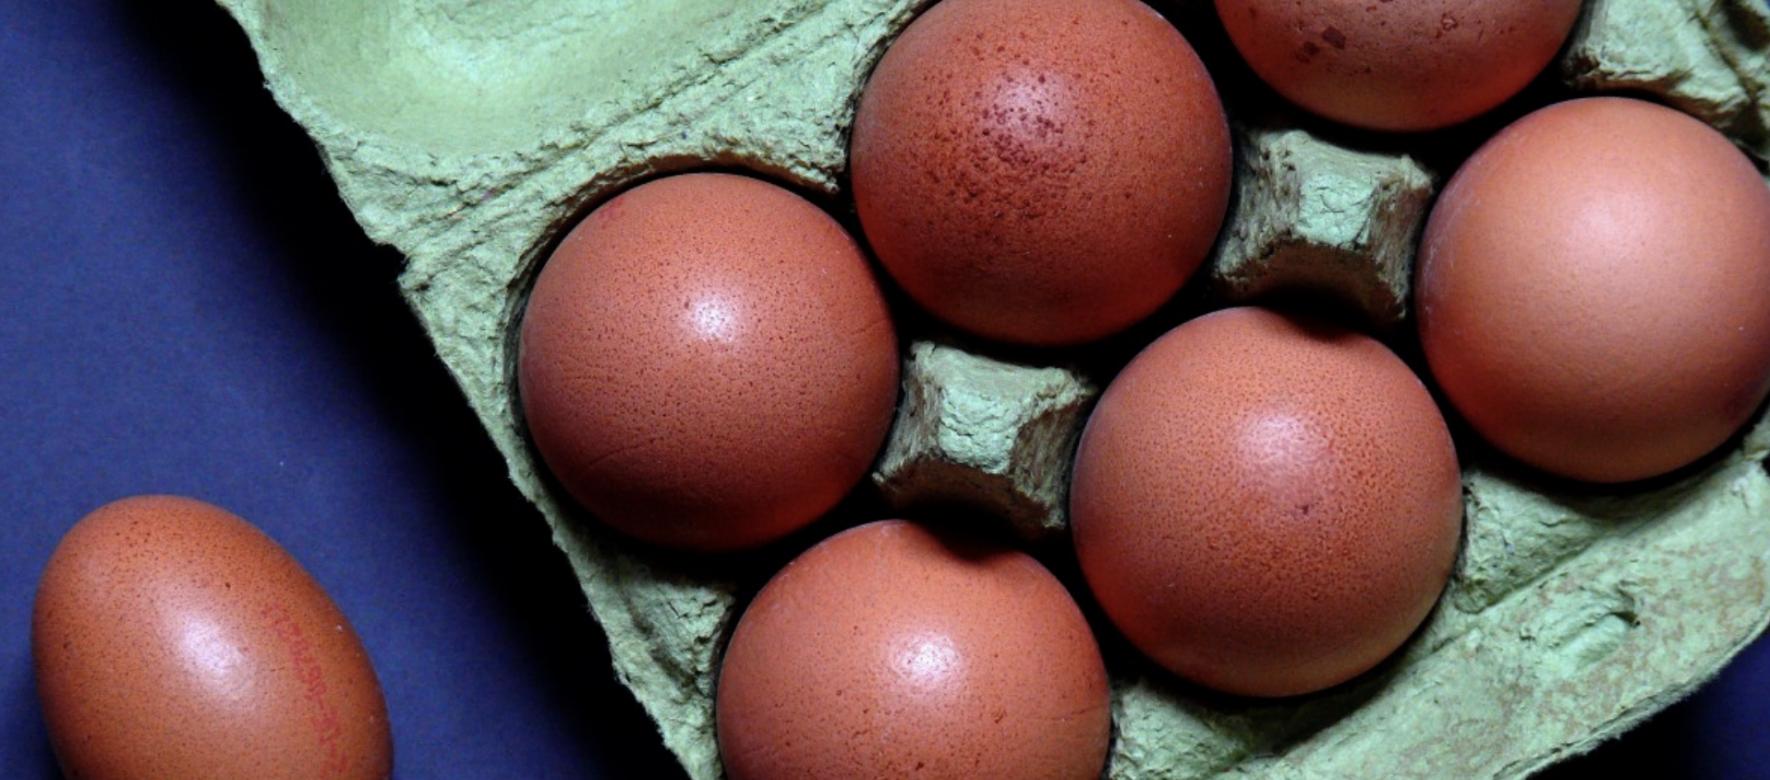 Maroc : La filière de production d'œufs de consommation traverse une période difficile en raison du coronavirus